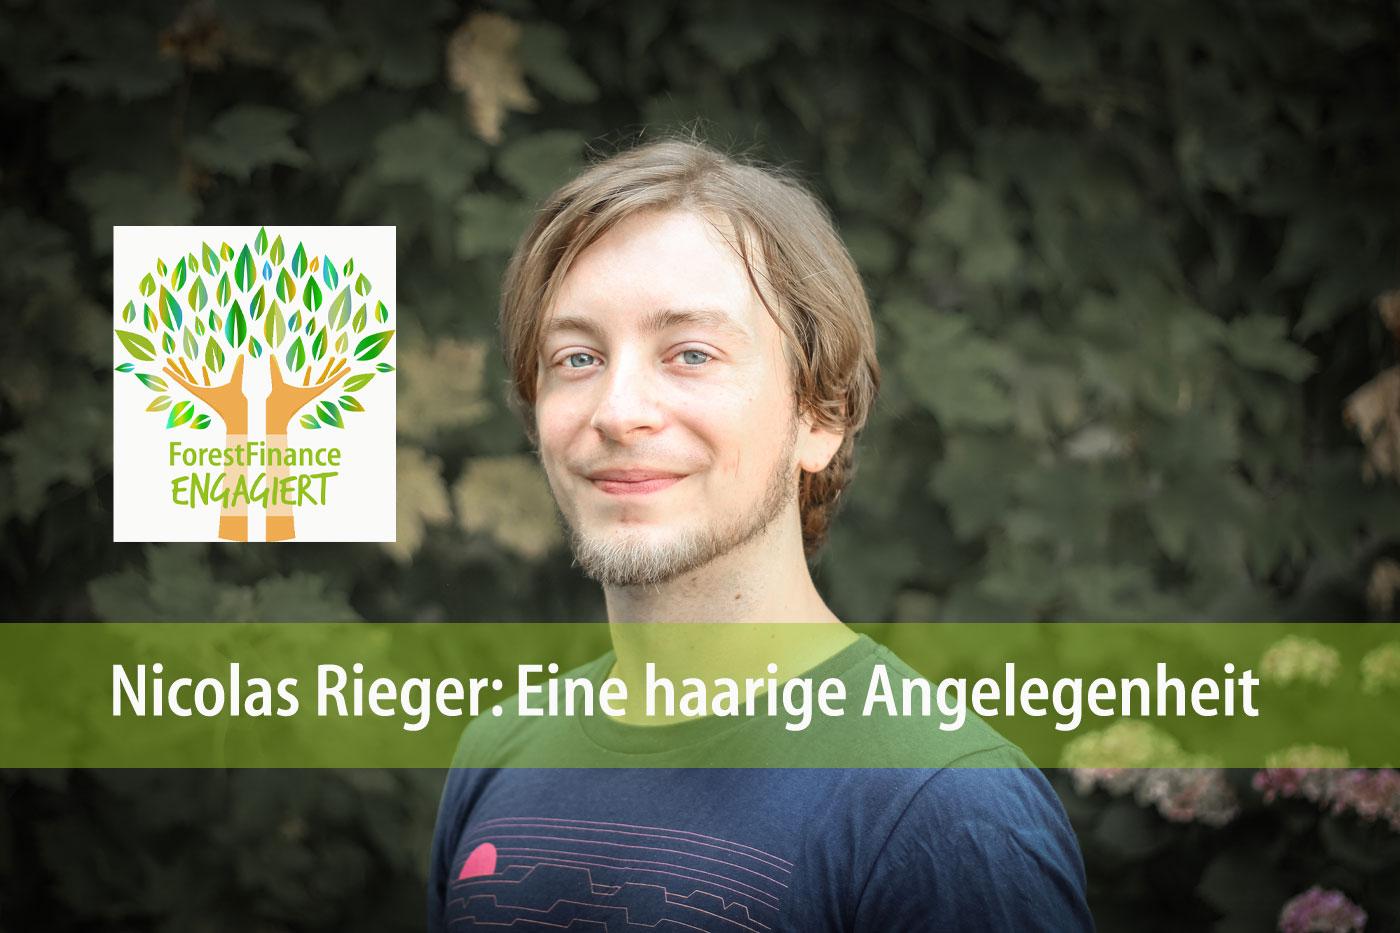 Nicolas Rieger, der bei ForestFinance für IT verantwortlich ist, spendete seine Haare. Foto: ForestFinance